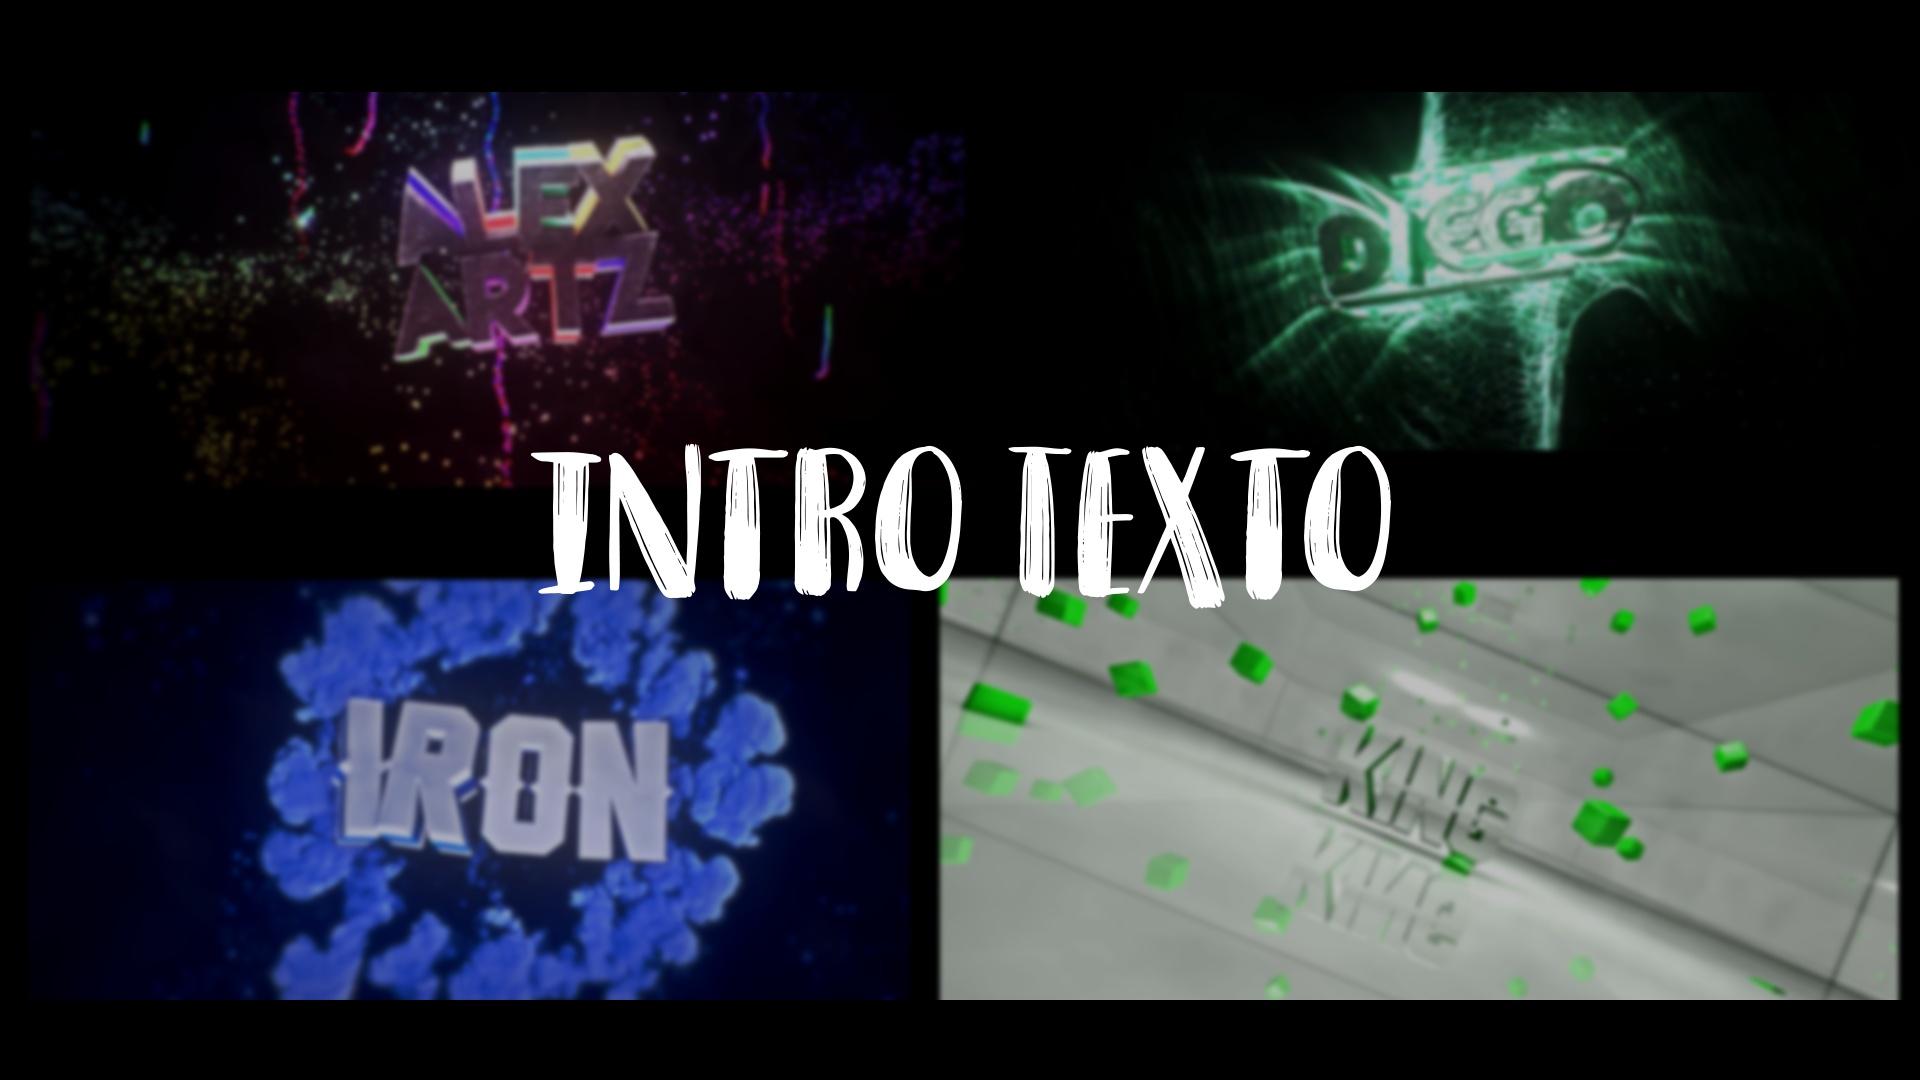 Intro Texto 720p 60FPS!